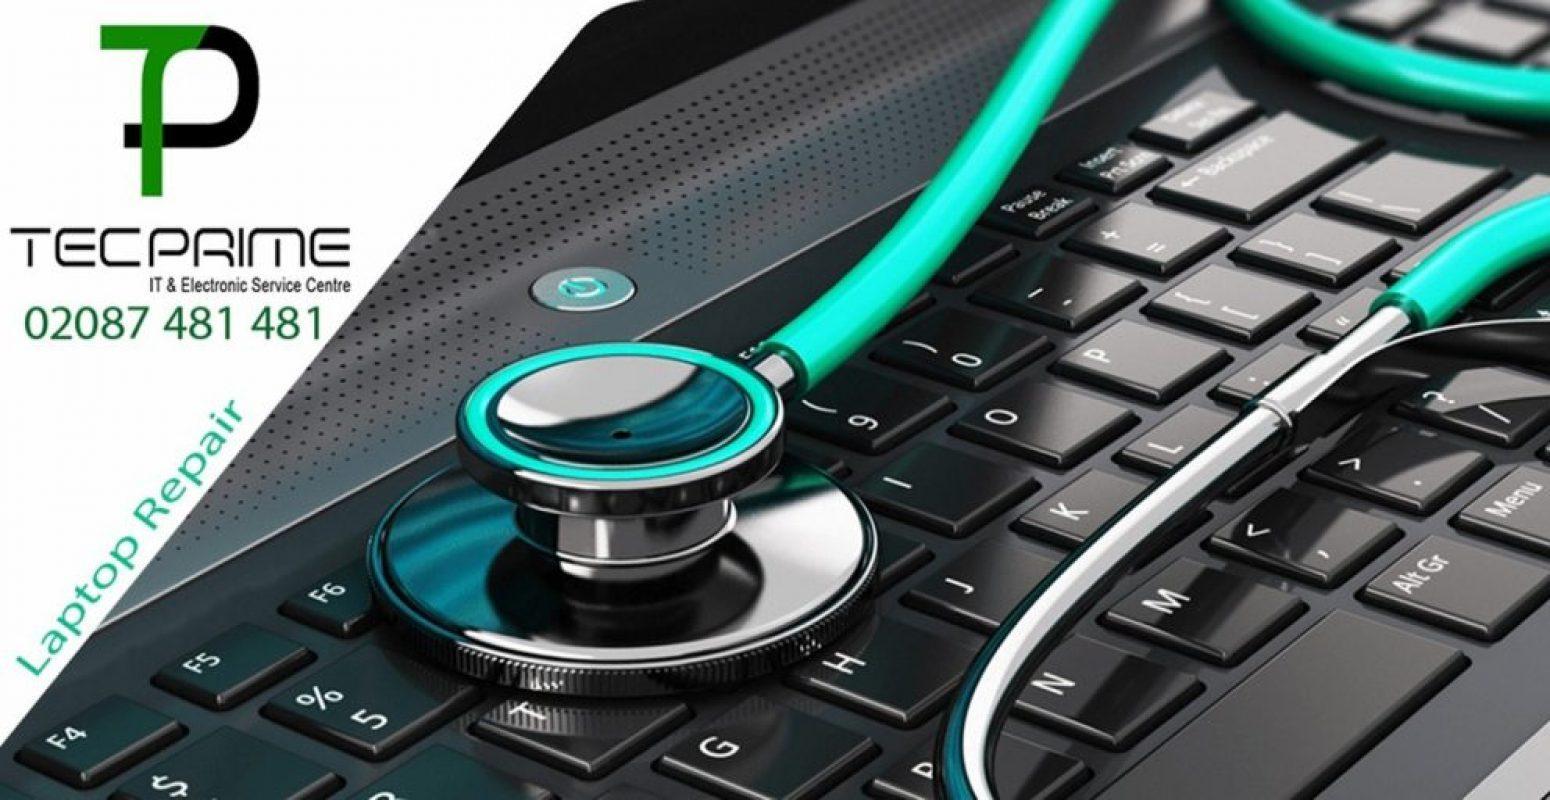 Laptop repair tecprime